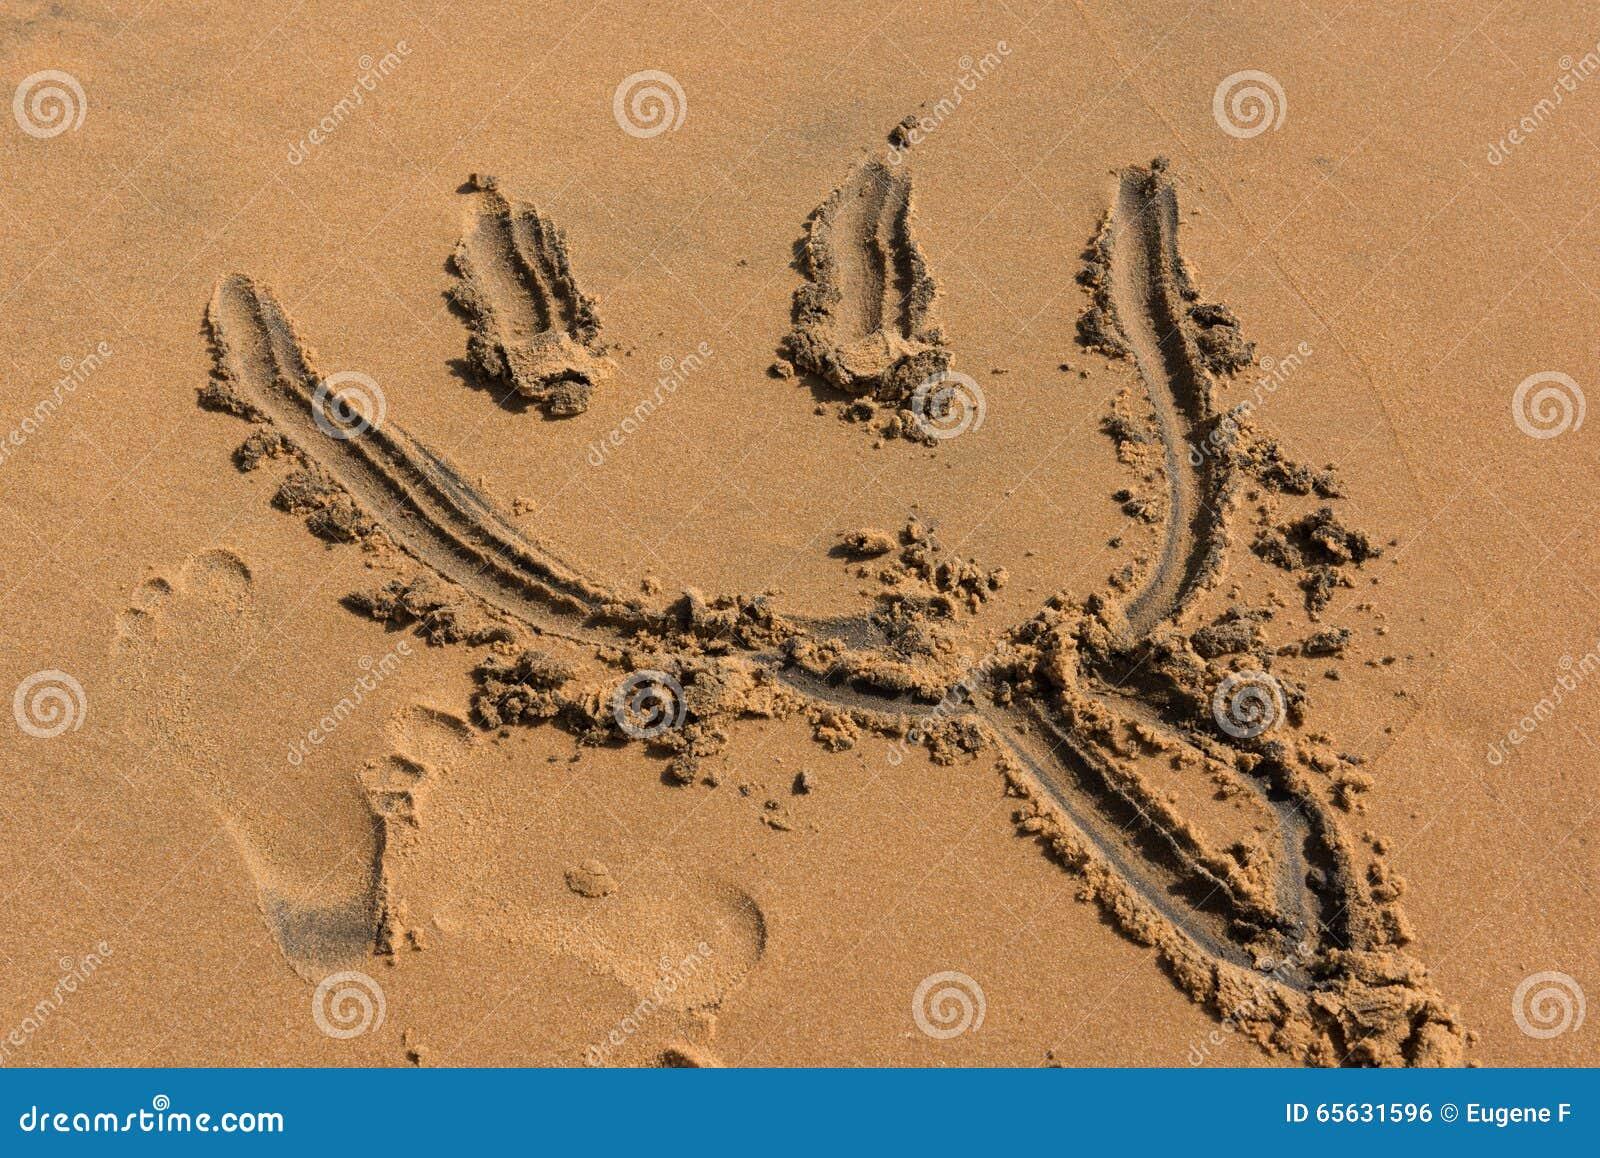 Dessins de sable sur la plage